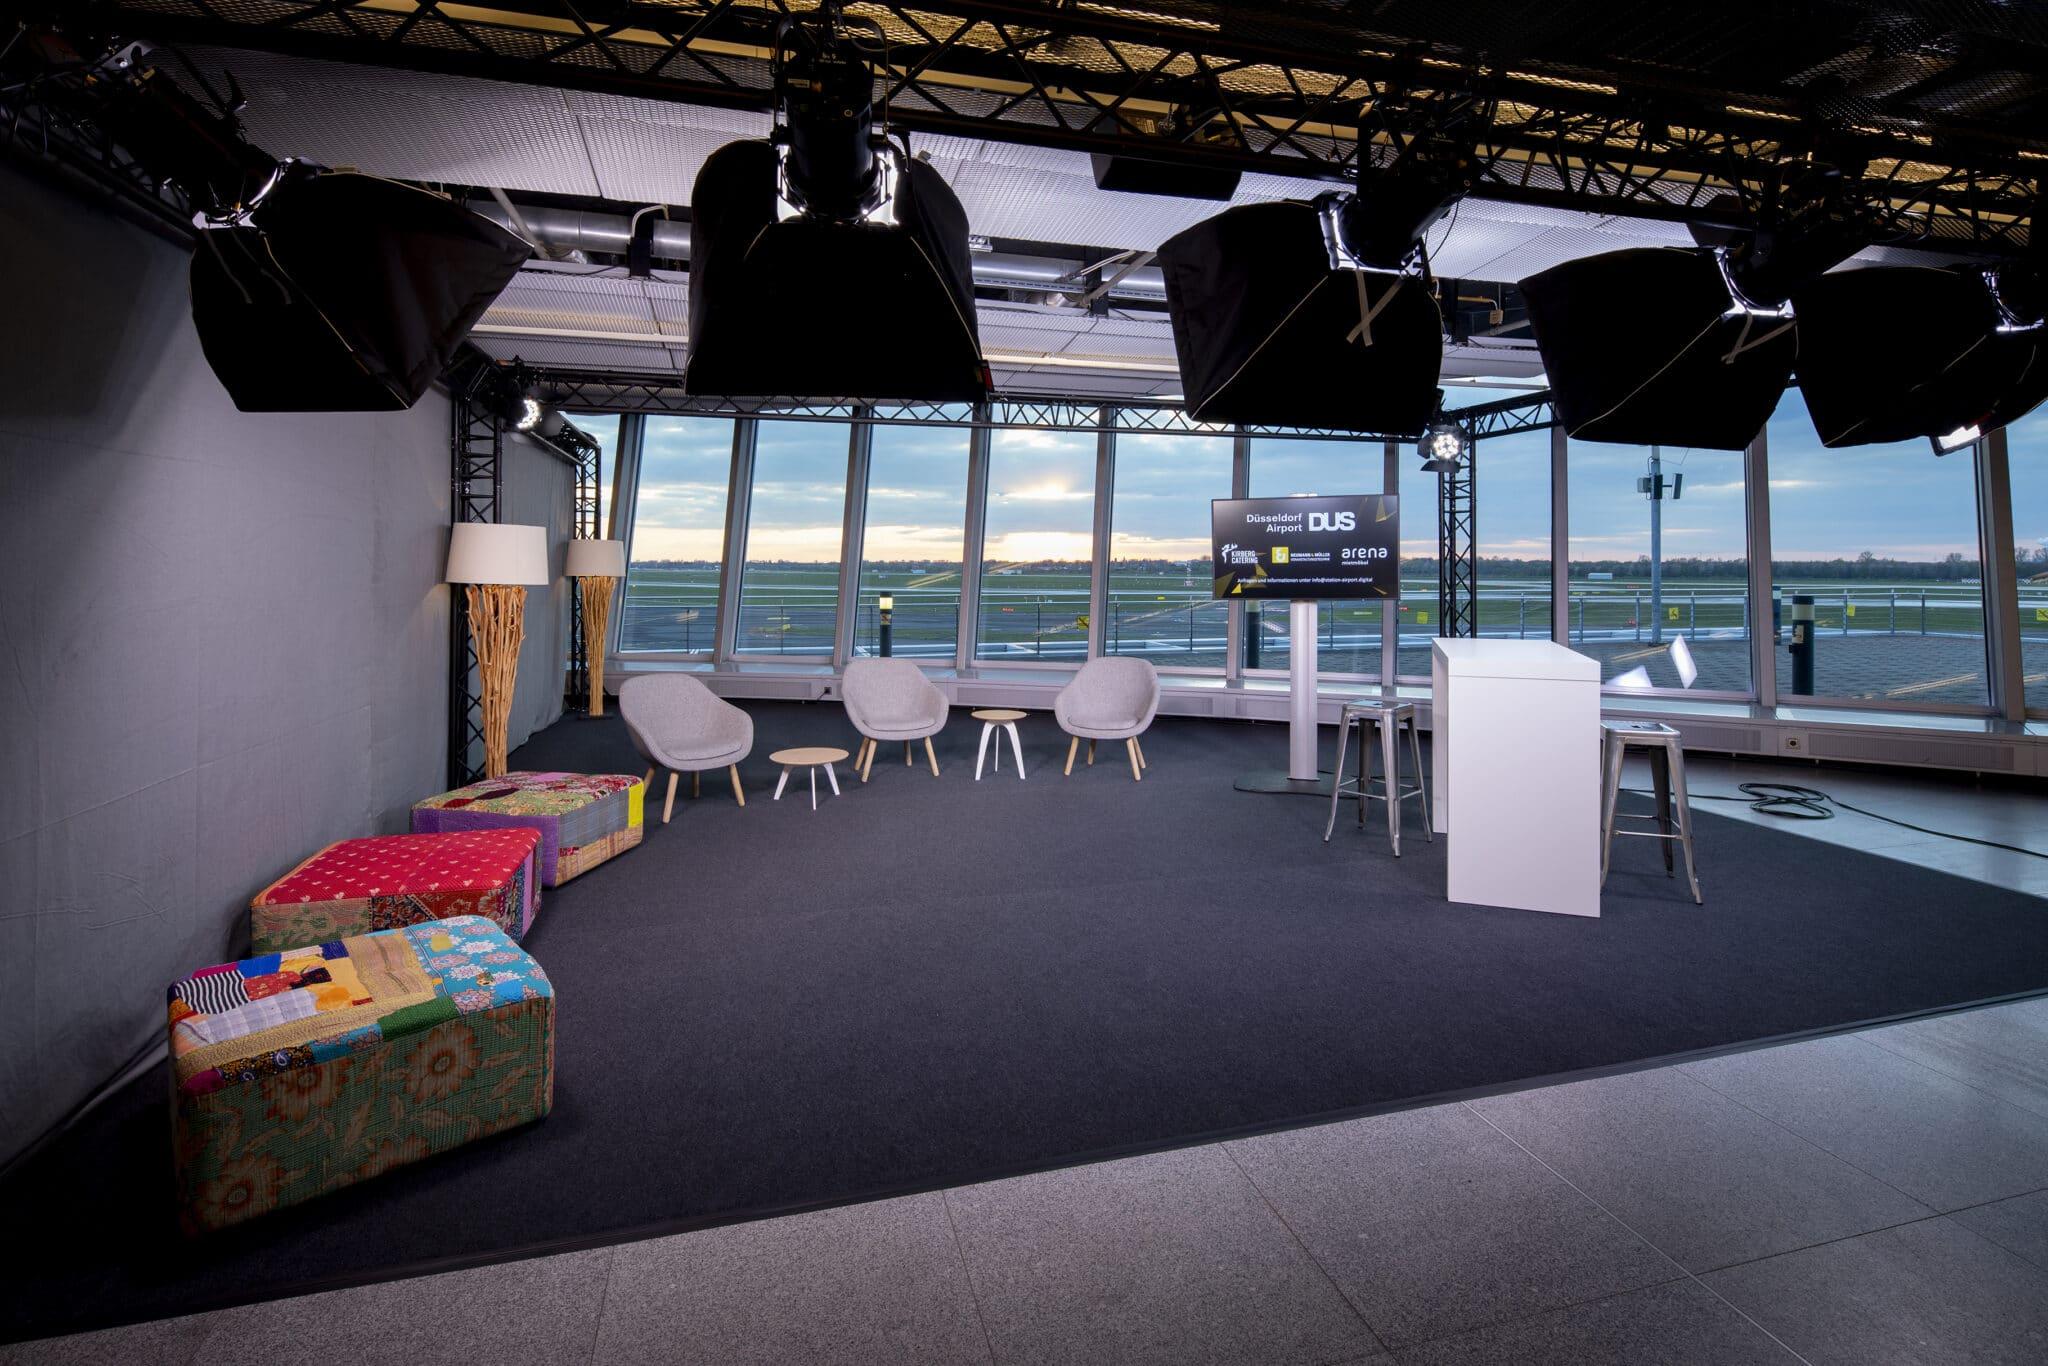 Die Studio-Box mit Blick auf die Start- und Landebahn in der Station Airport Düsseldorf